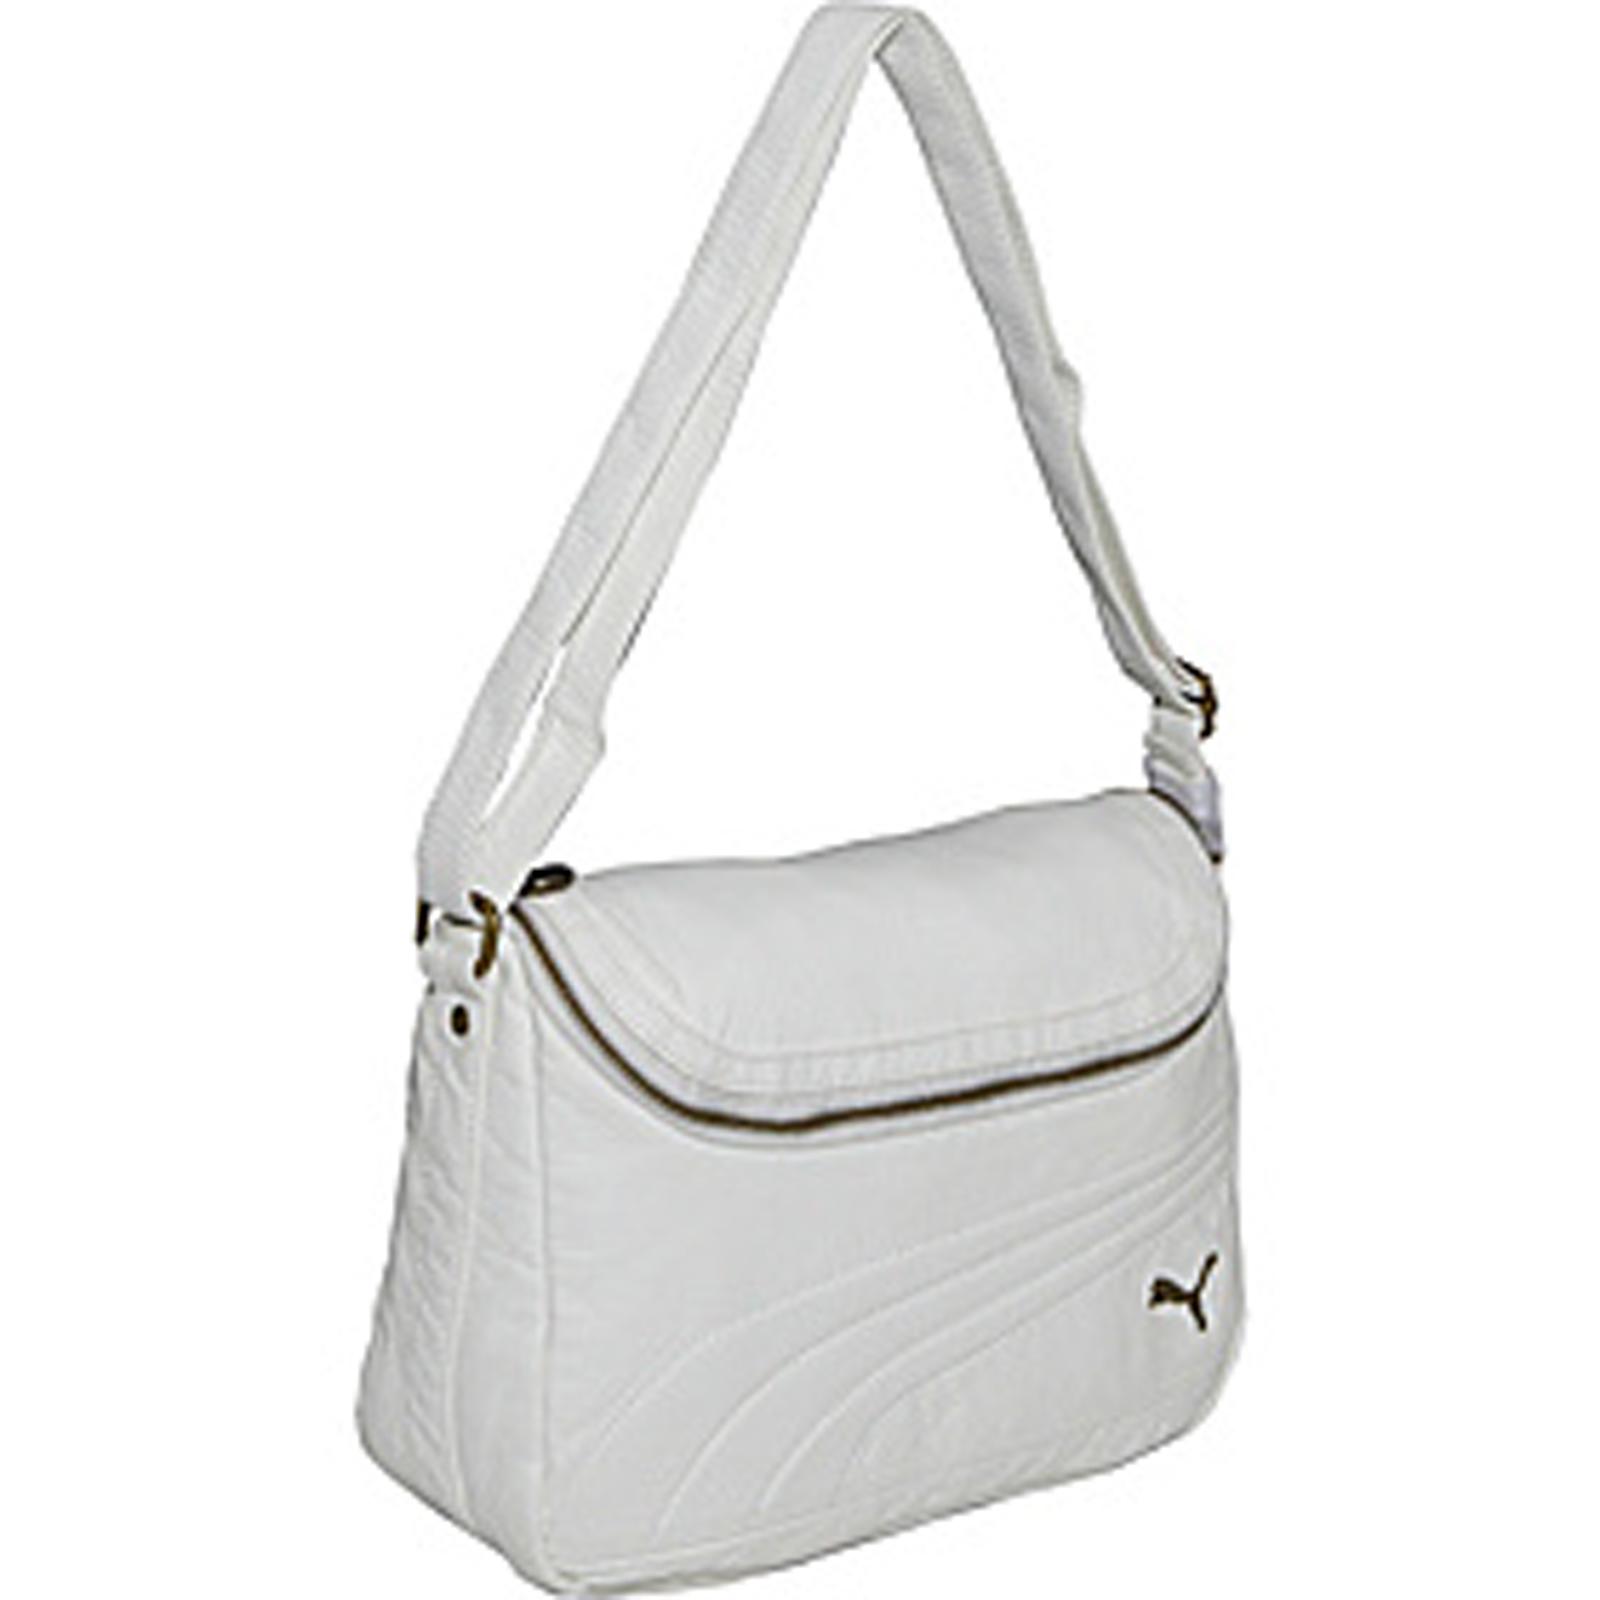 Brilliant PUMA Puma Ferrari LS Shoulder Hand Bag Boston Bag For Women